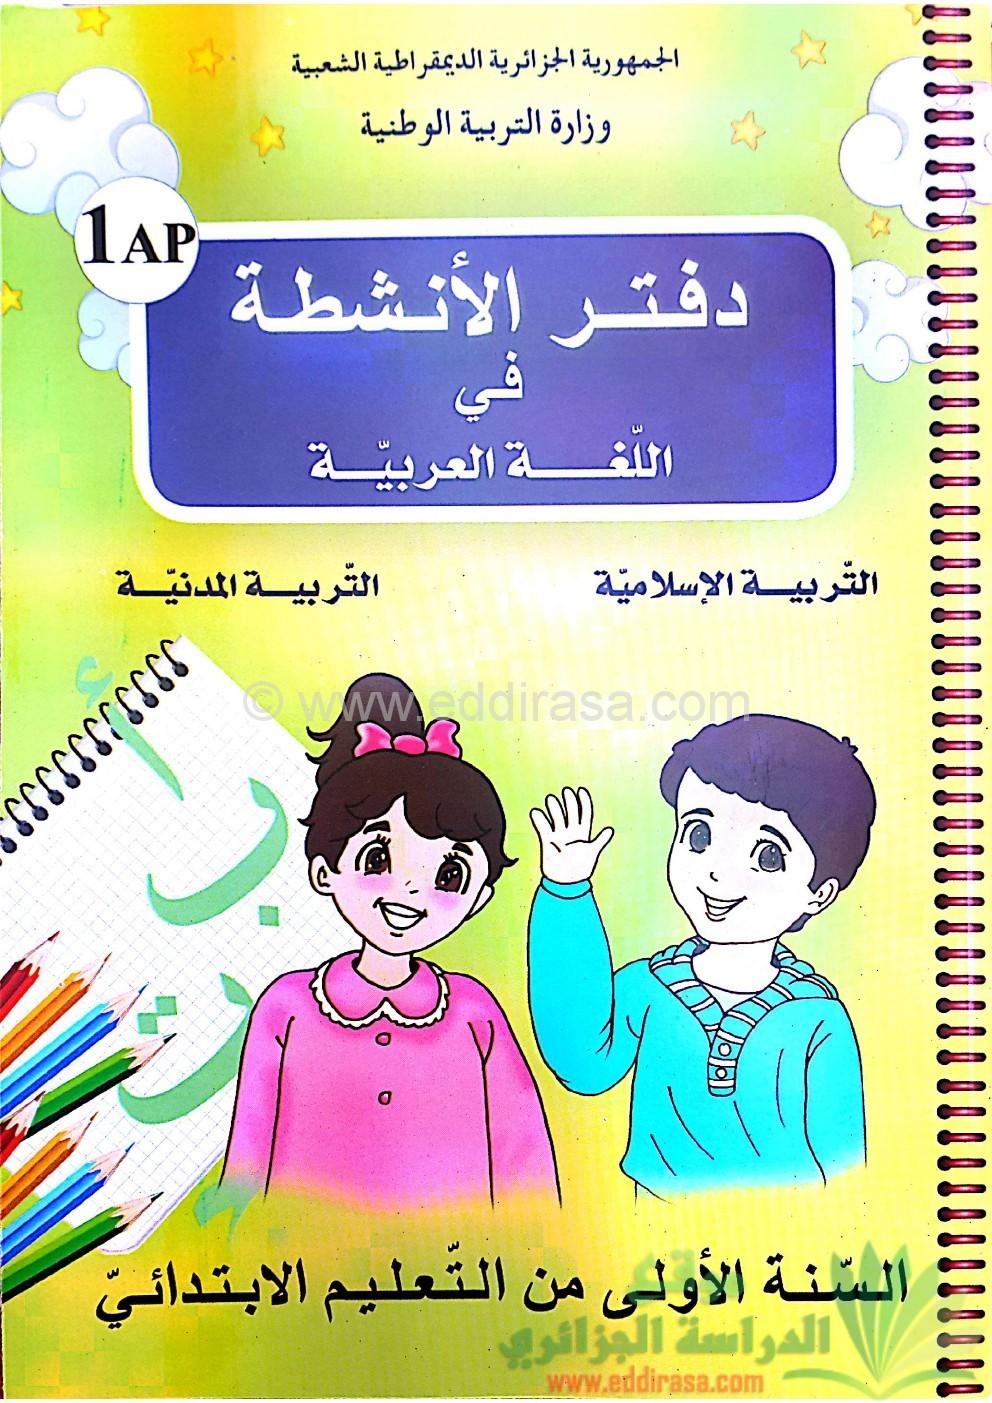 تحميل كتاب الرياضيات اولى ثانوي pdf